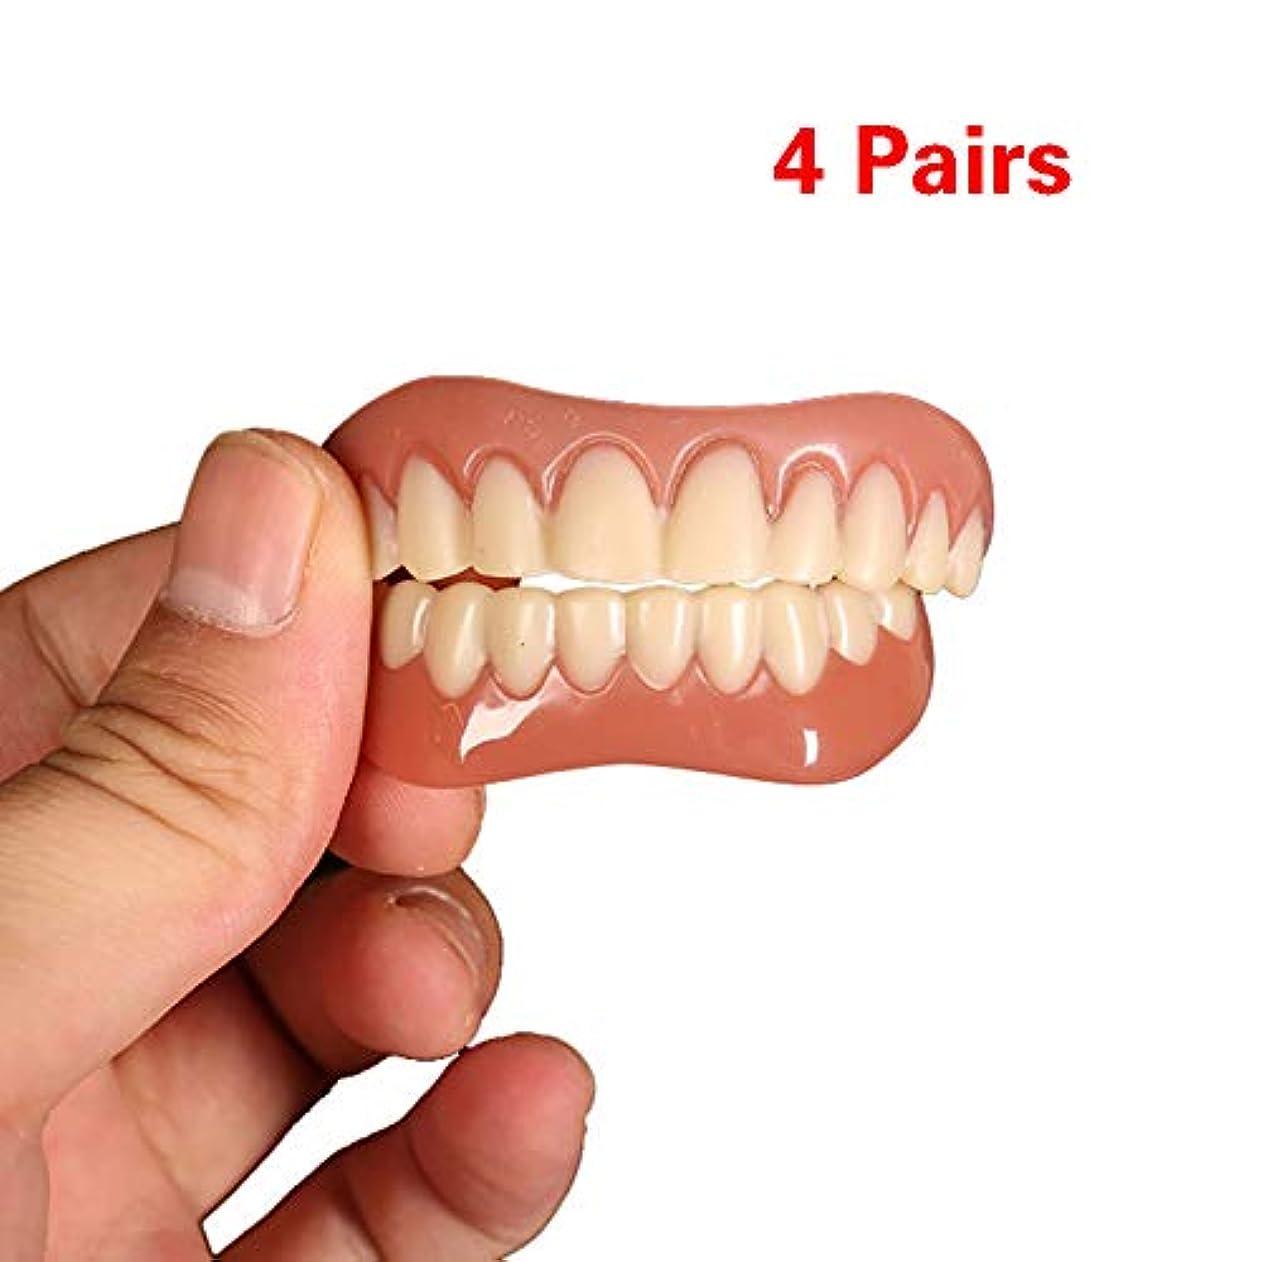 自転車多様性真鍮4対の歯の快適さフィットフレックス化粧品の歯義歯の歯のトップ+ボトム化粧品突き板シミュレーションブレース